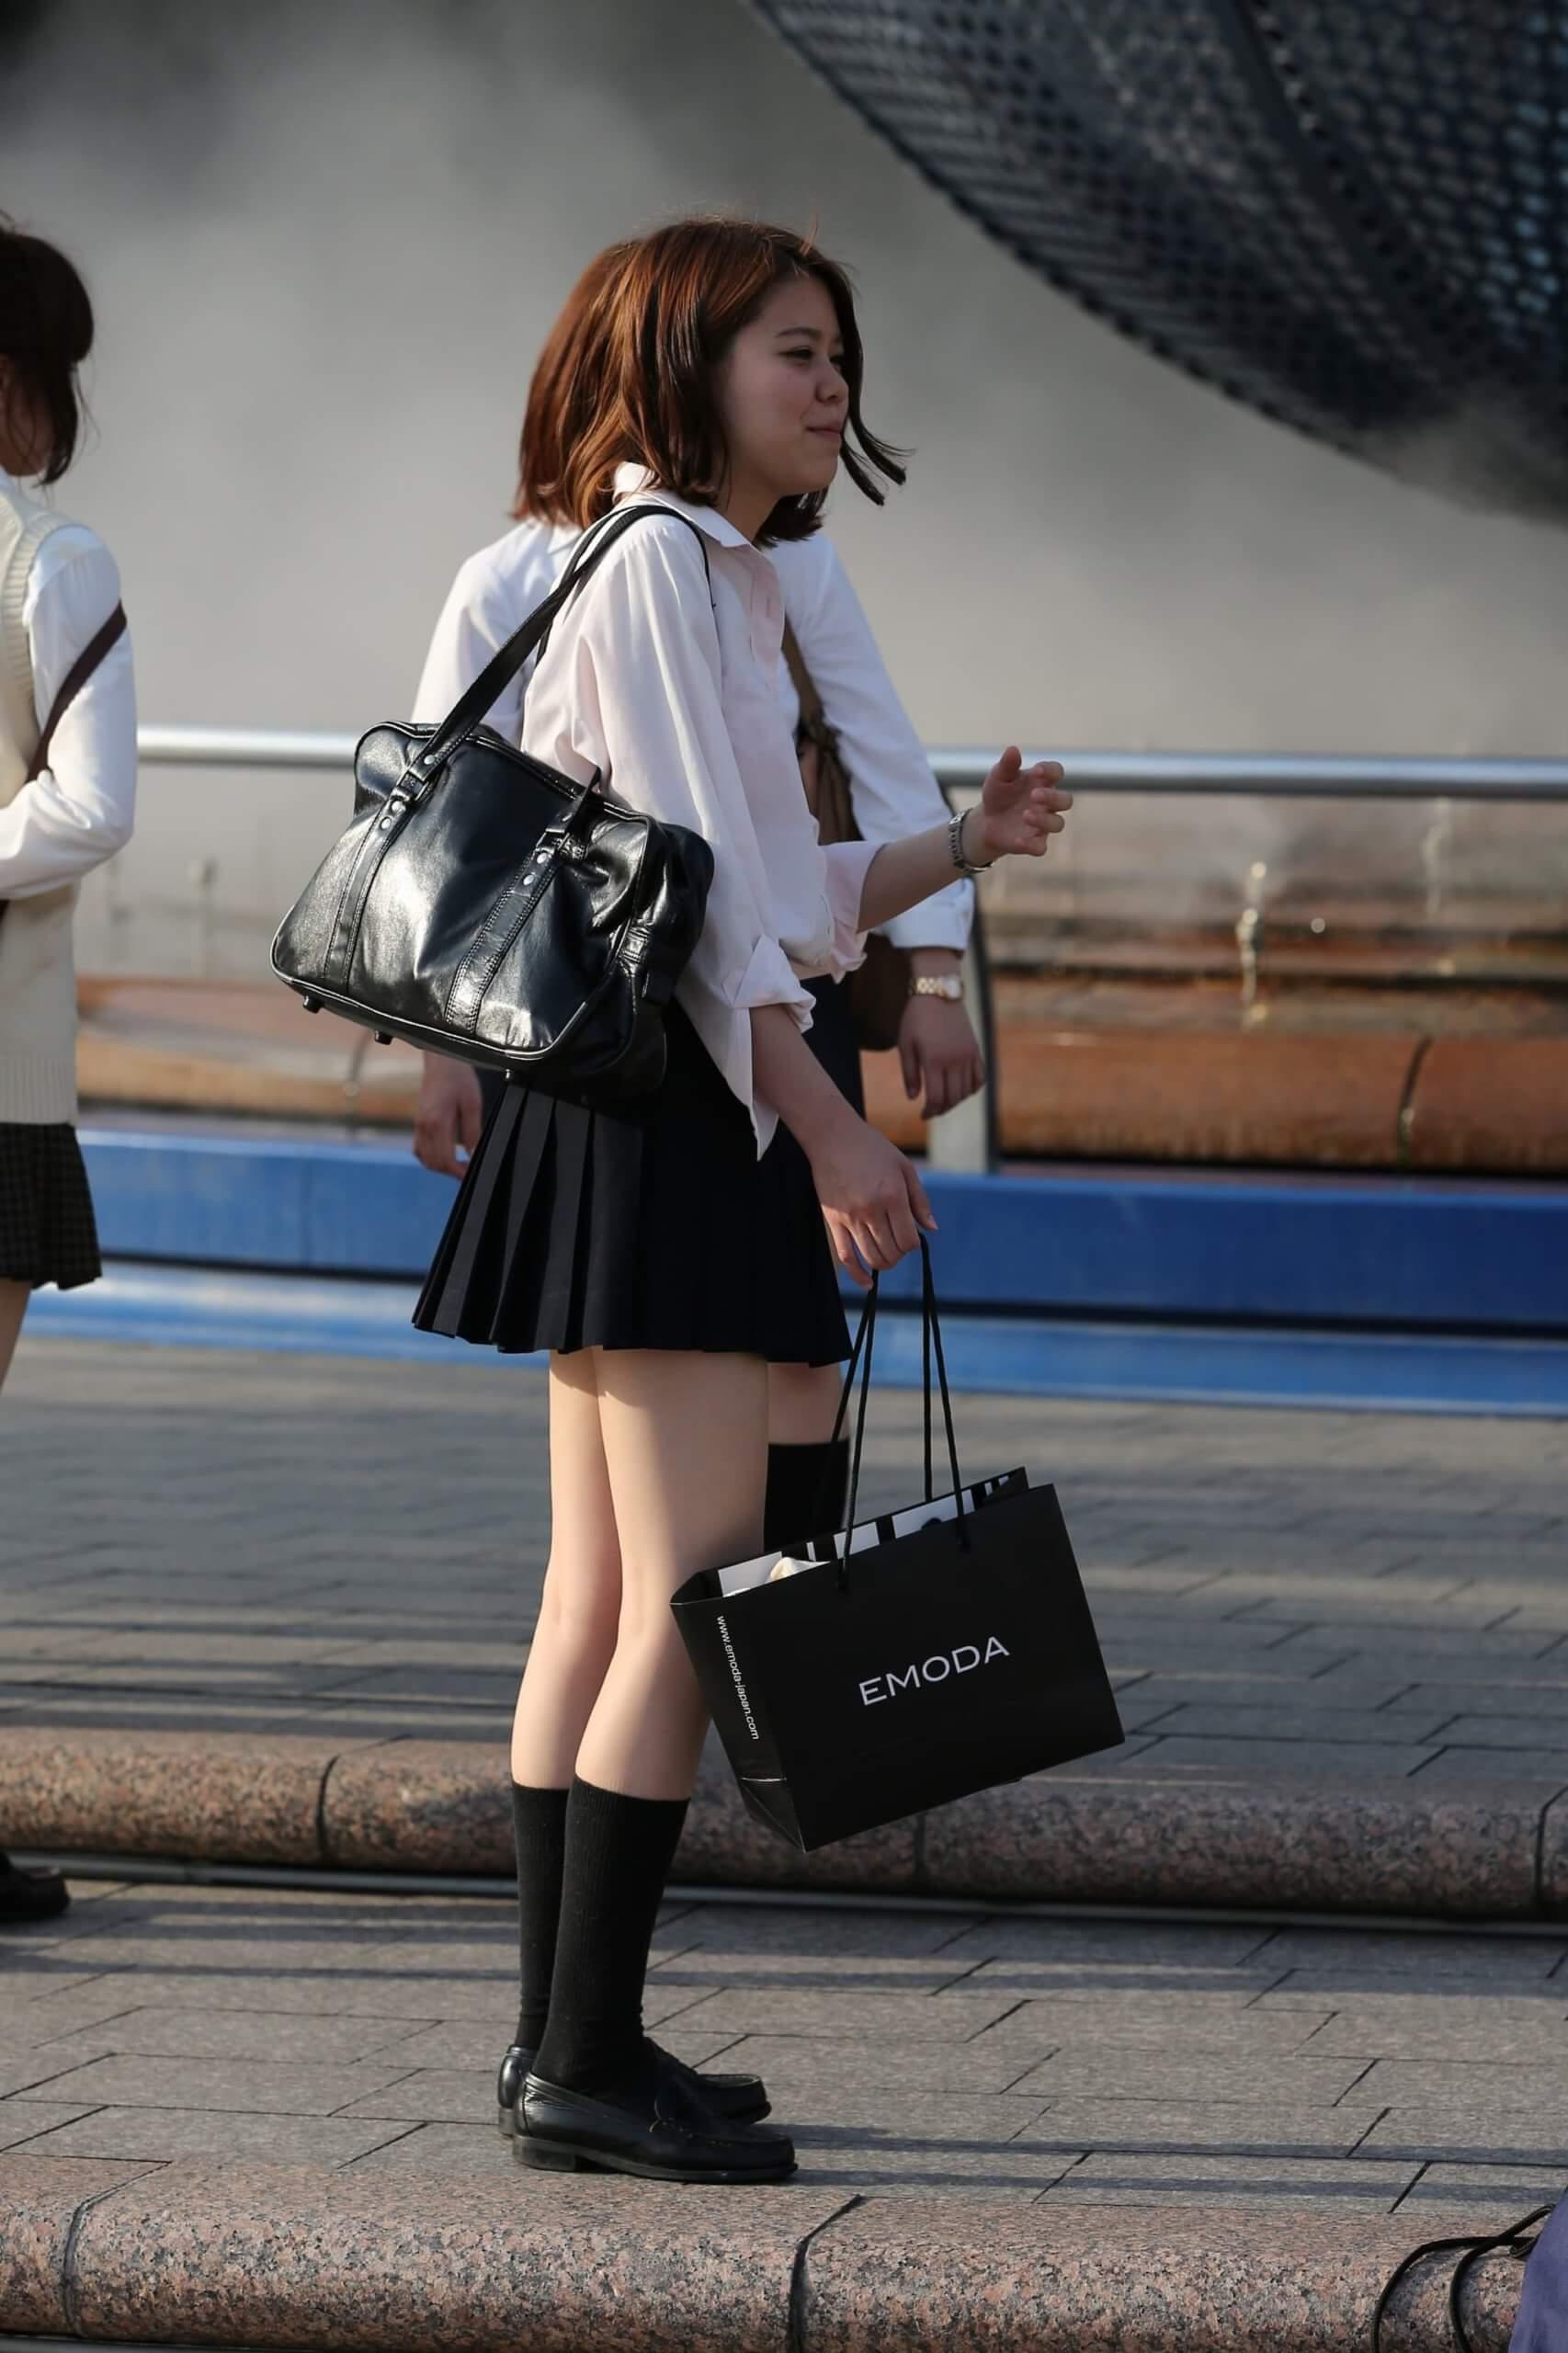 【画像】そろそろ街撮りシャツJKちゃんも見納めかね・・・